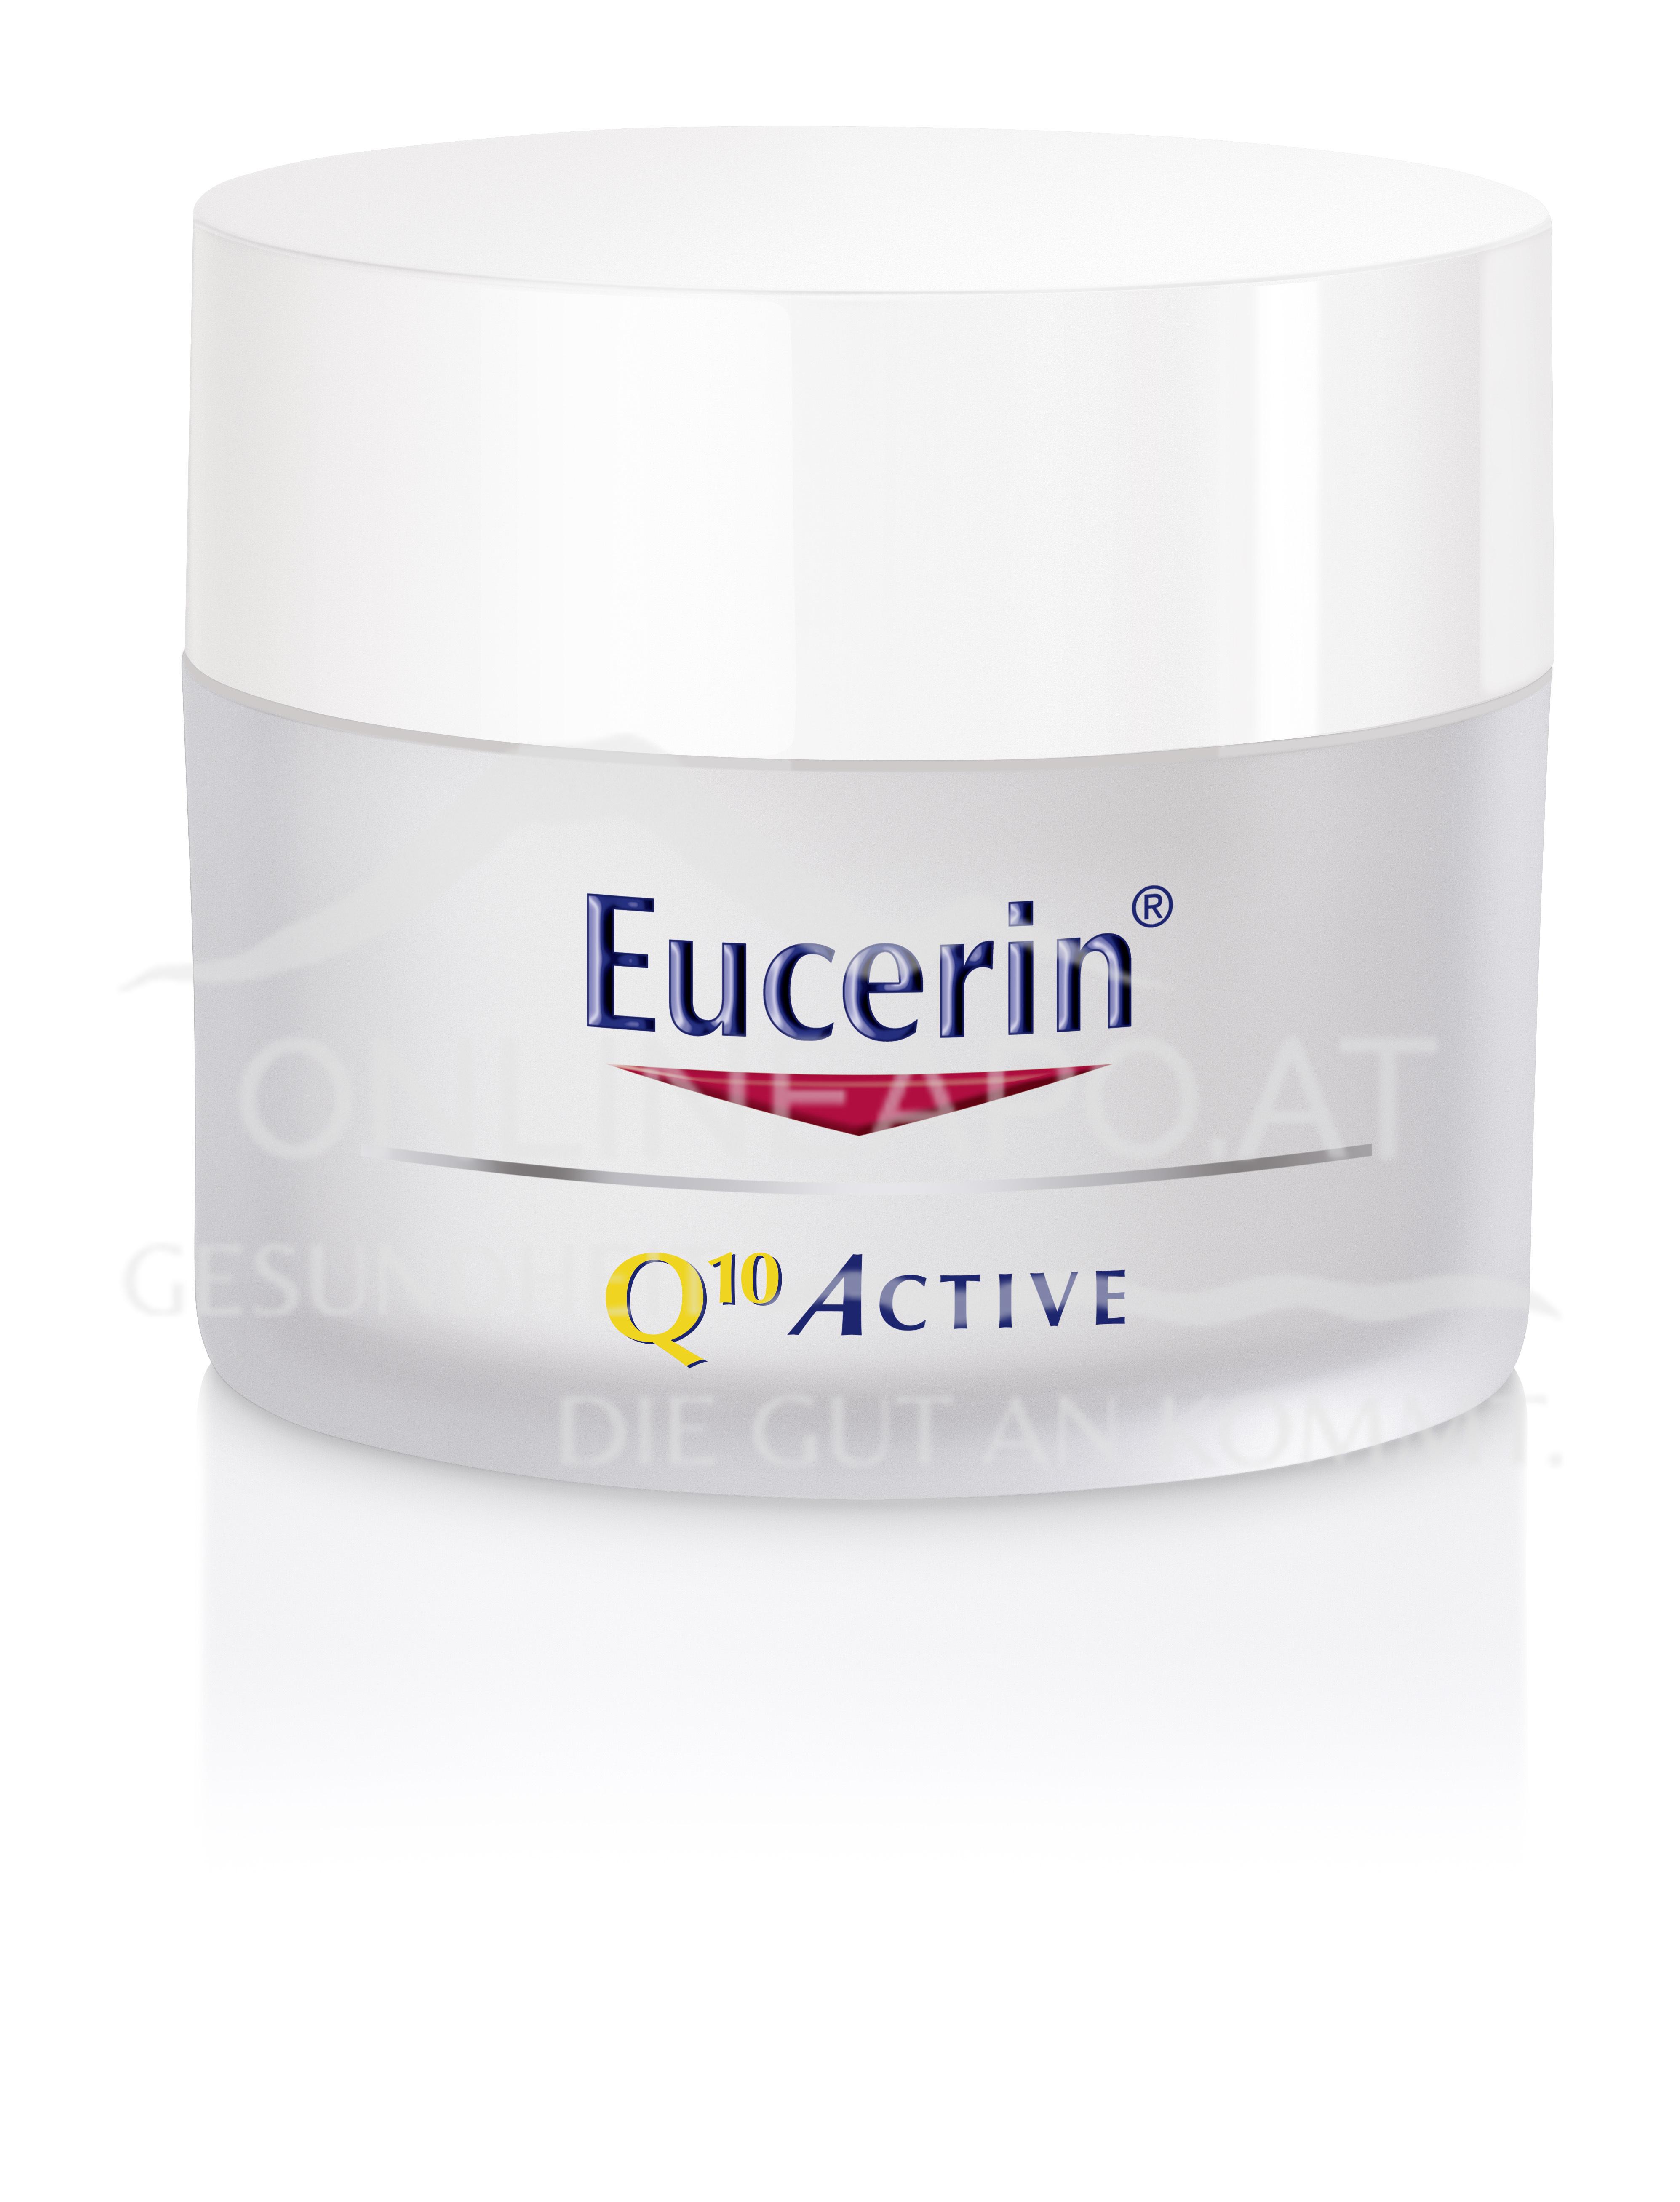 Eucerin Q10 ACTIVE Tagespflege für trockene Haut